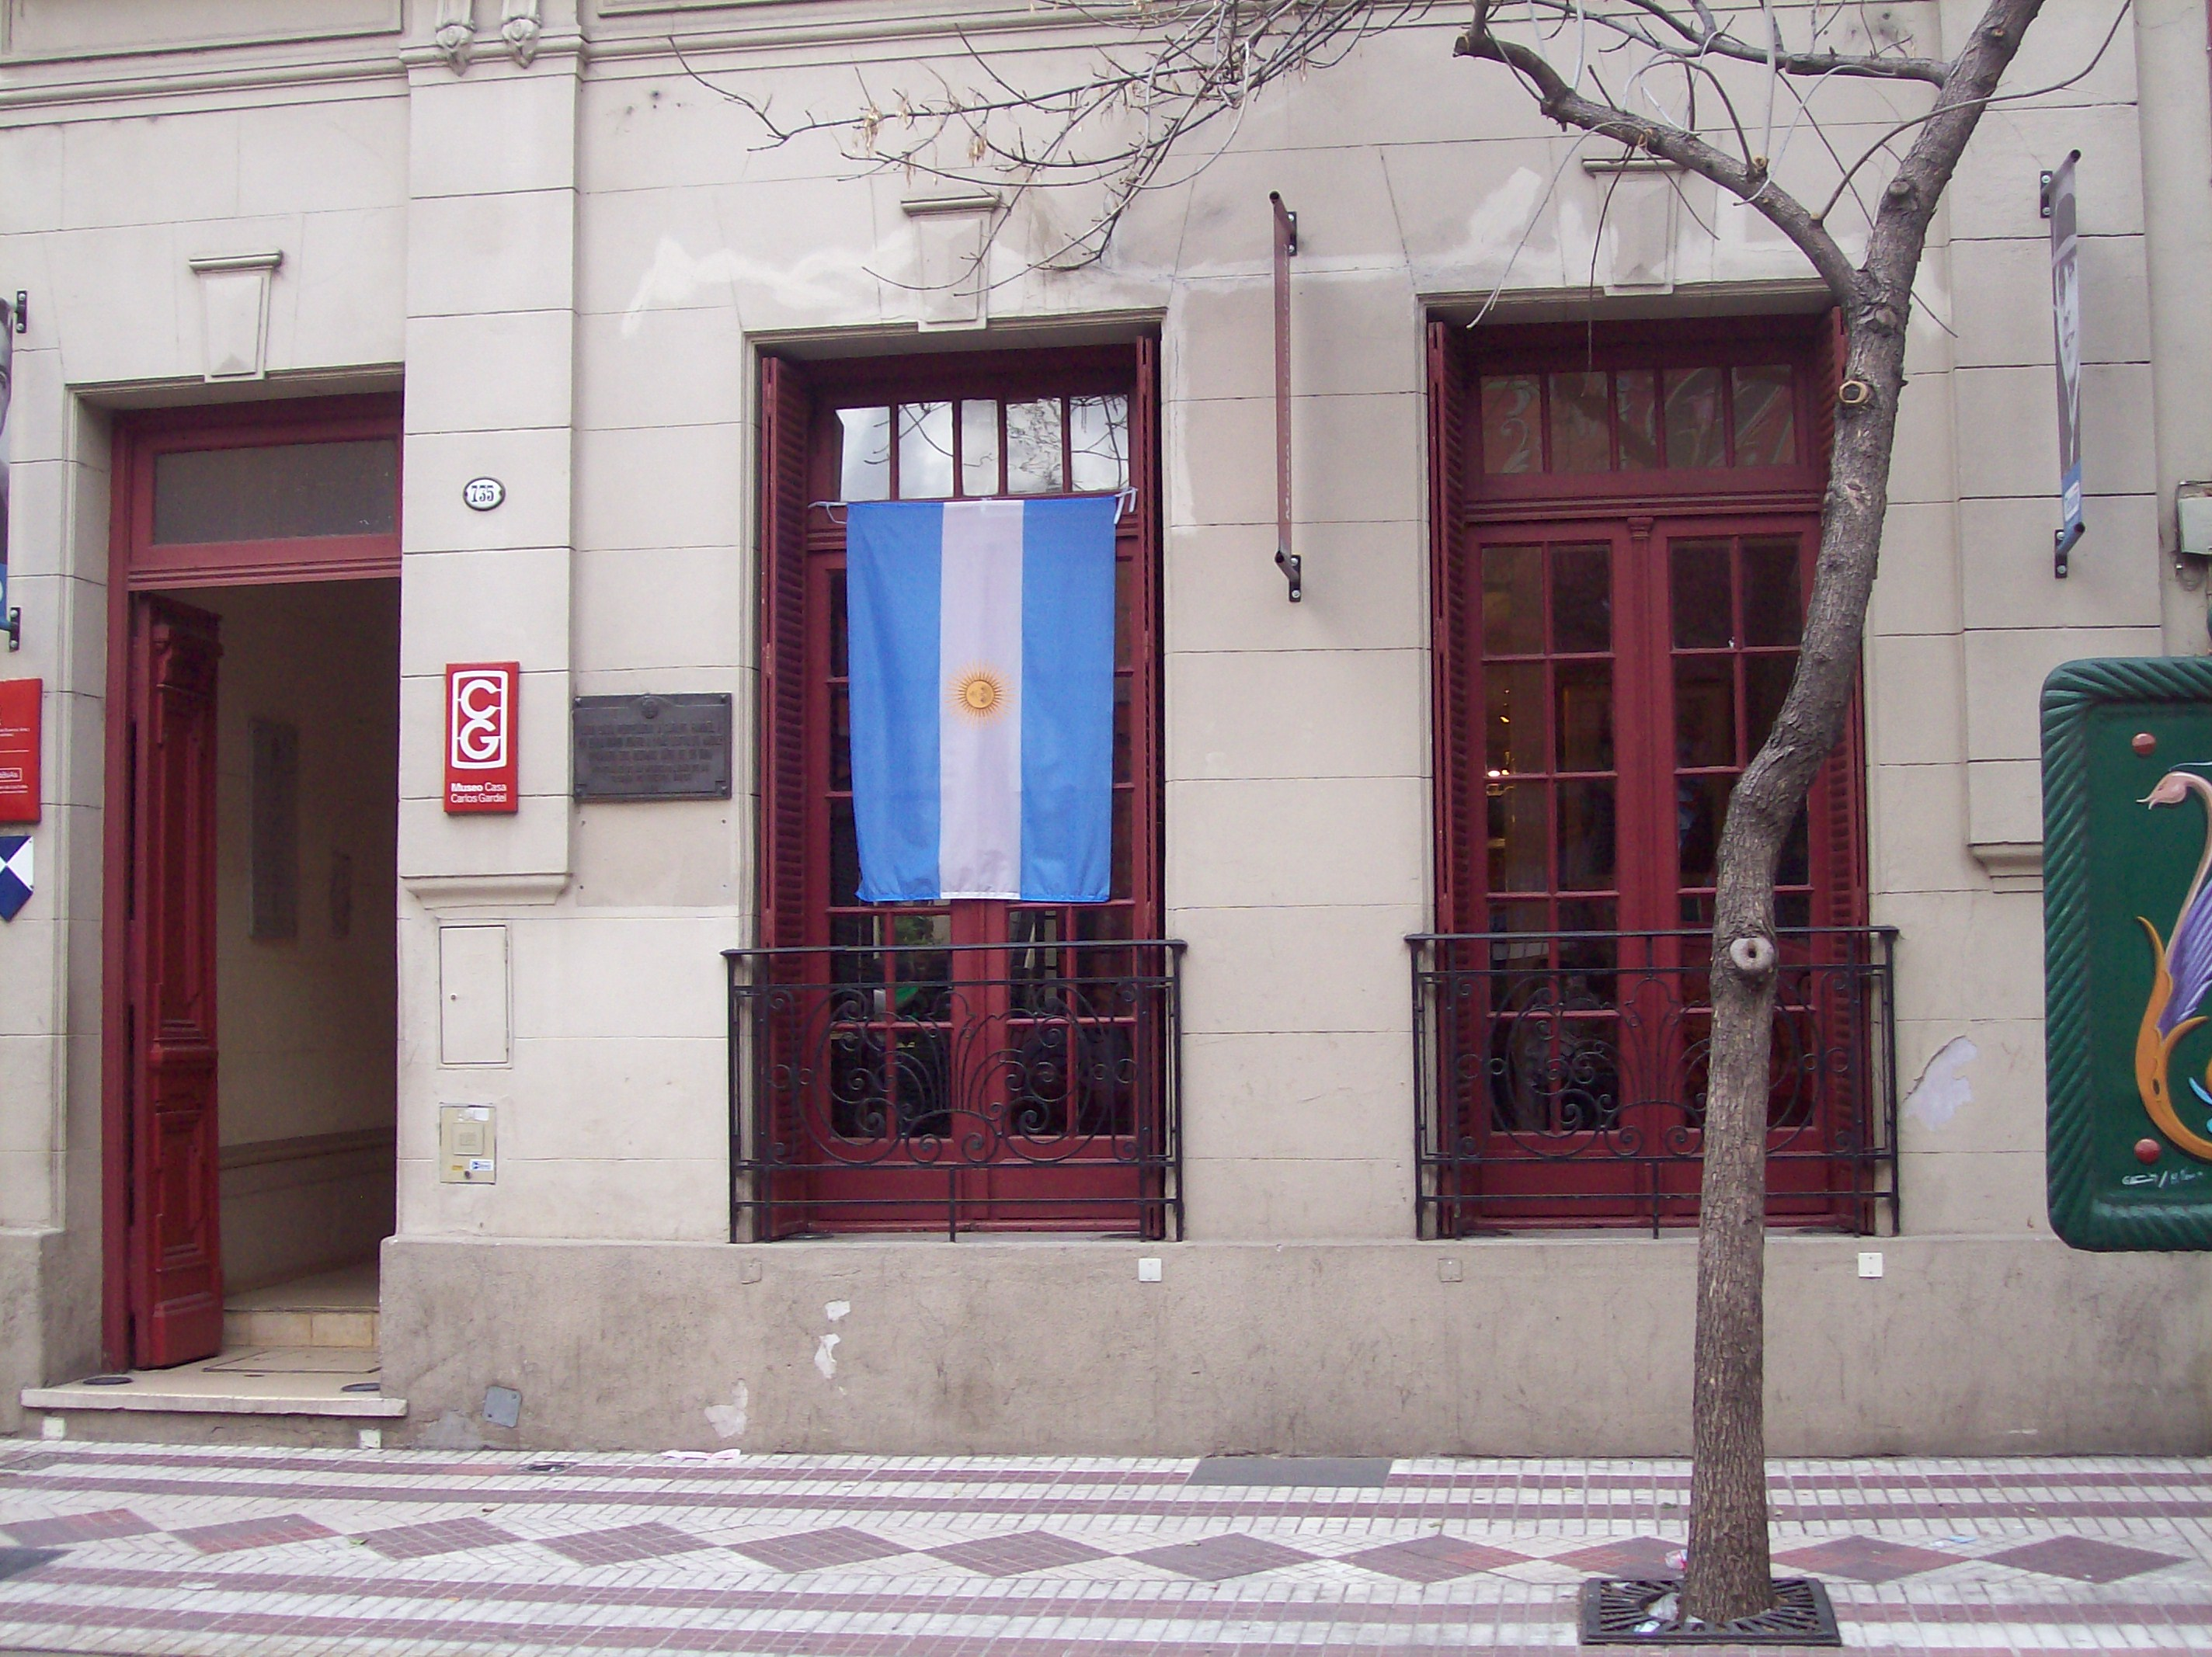 Casa de Carlos Gardel en el barrio del Abasto, en la que vivió desde 1927. Gardel frecuentaba el barrio desde comienzos de siglo y fue conocido con el apodo de «El Morocho del Abasto».